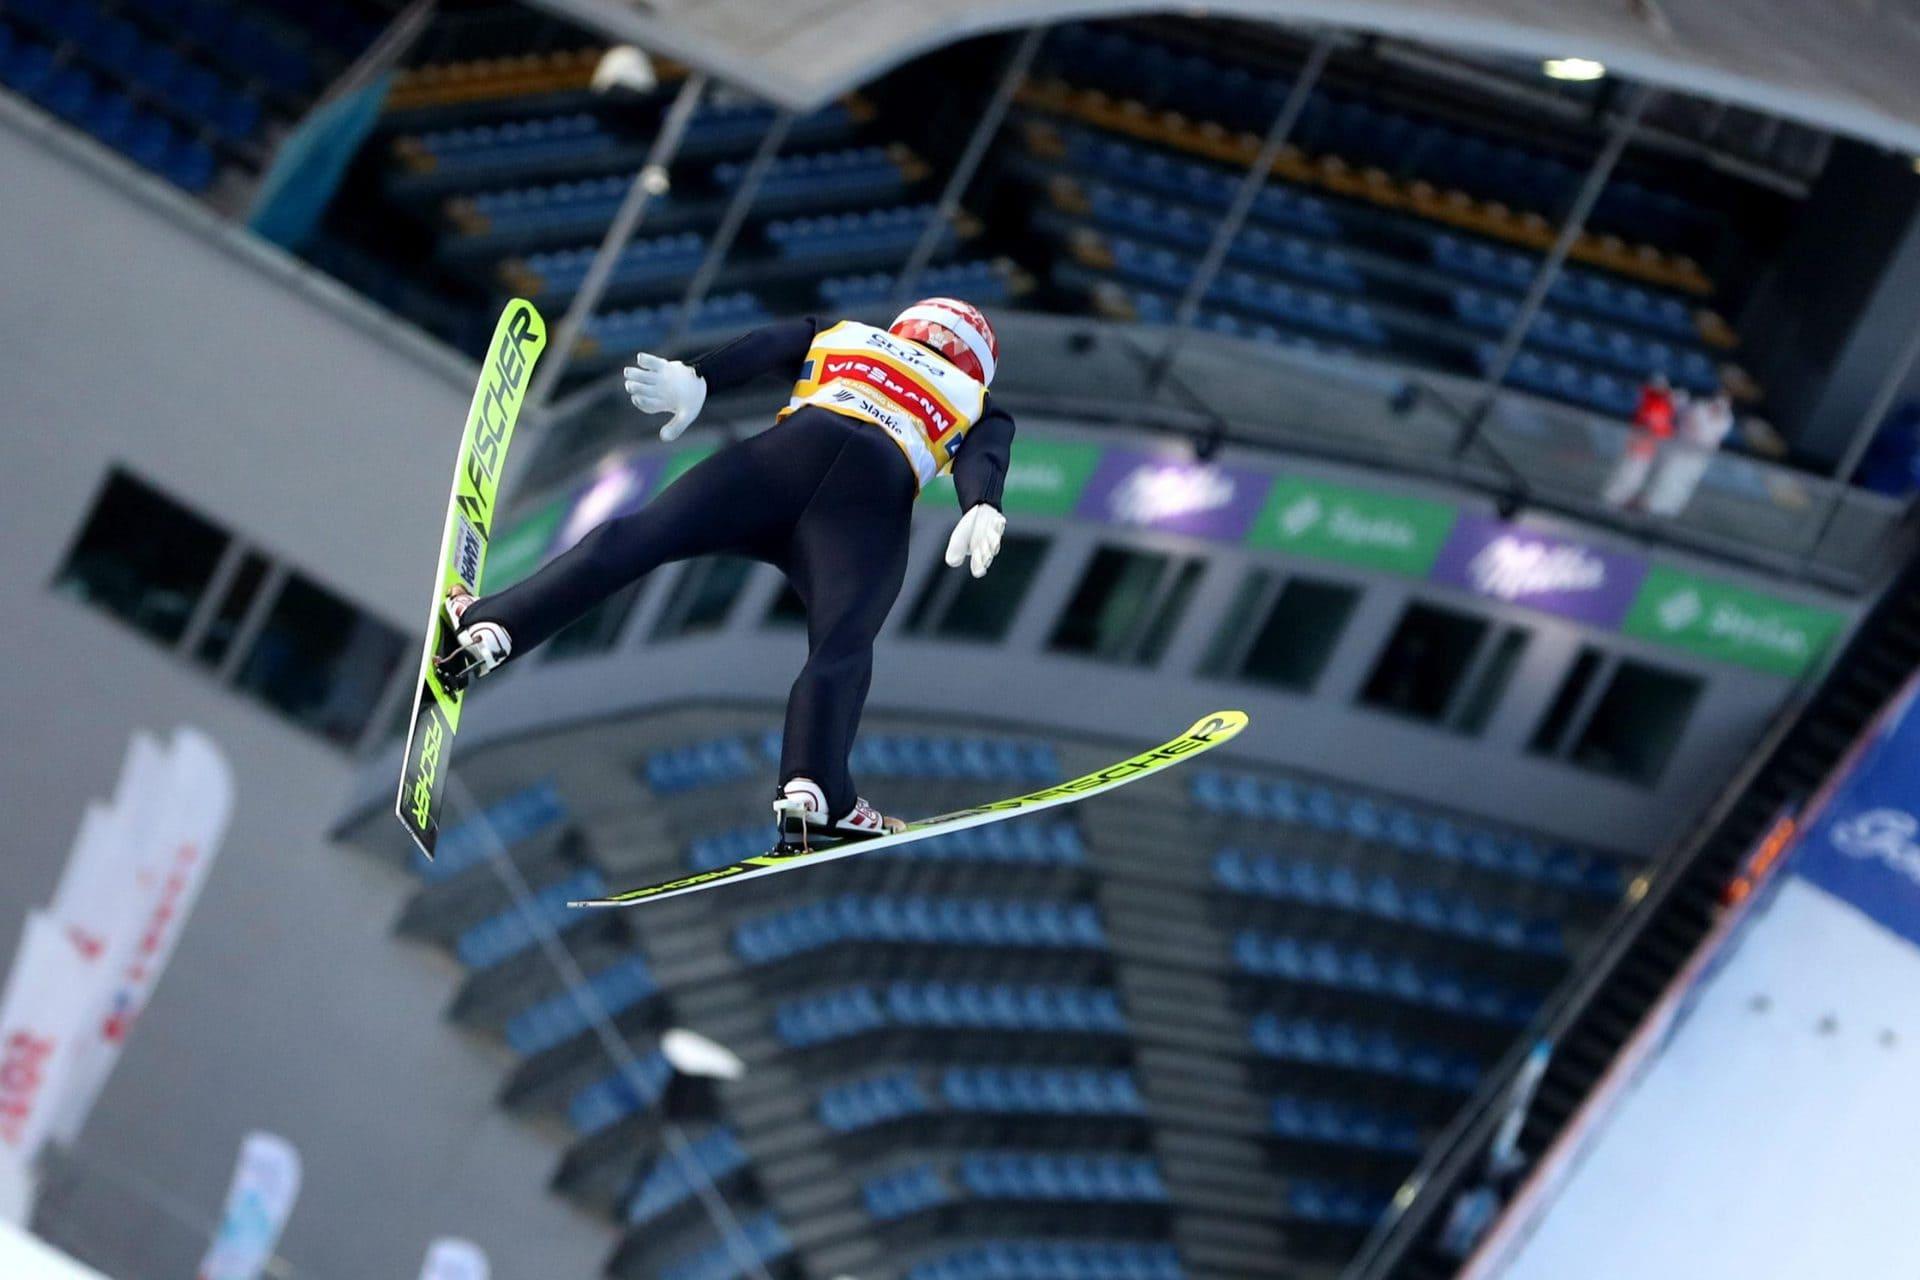 Deutsches Skisprung-Team holt gleich Podestplatz Weltcup in Wisla